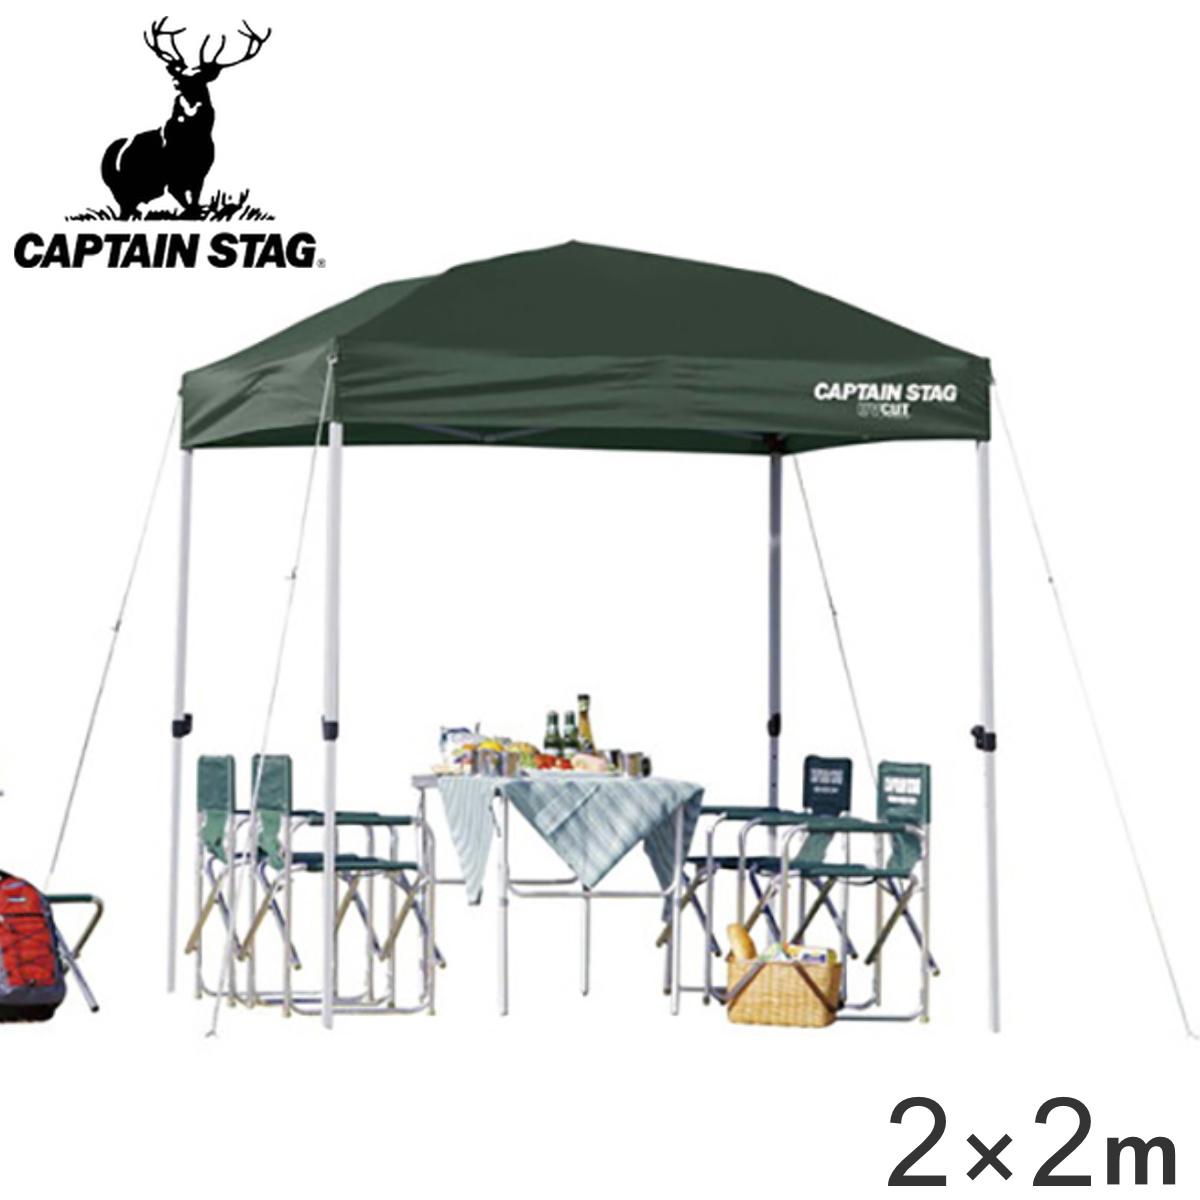 クイックシェード UVカット 防水 キャリーバッグ付 2m×2m グリーン ( 送料無料 キャプテンスタッグ テント ワンタッチタープ CAPTAIN STAG アウトドア 3人 4人 組立簡単 正方形 ) 【4500円以上送料無料】